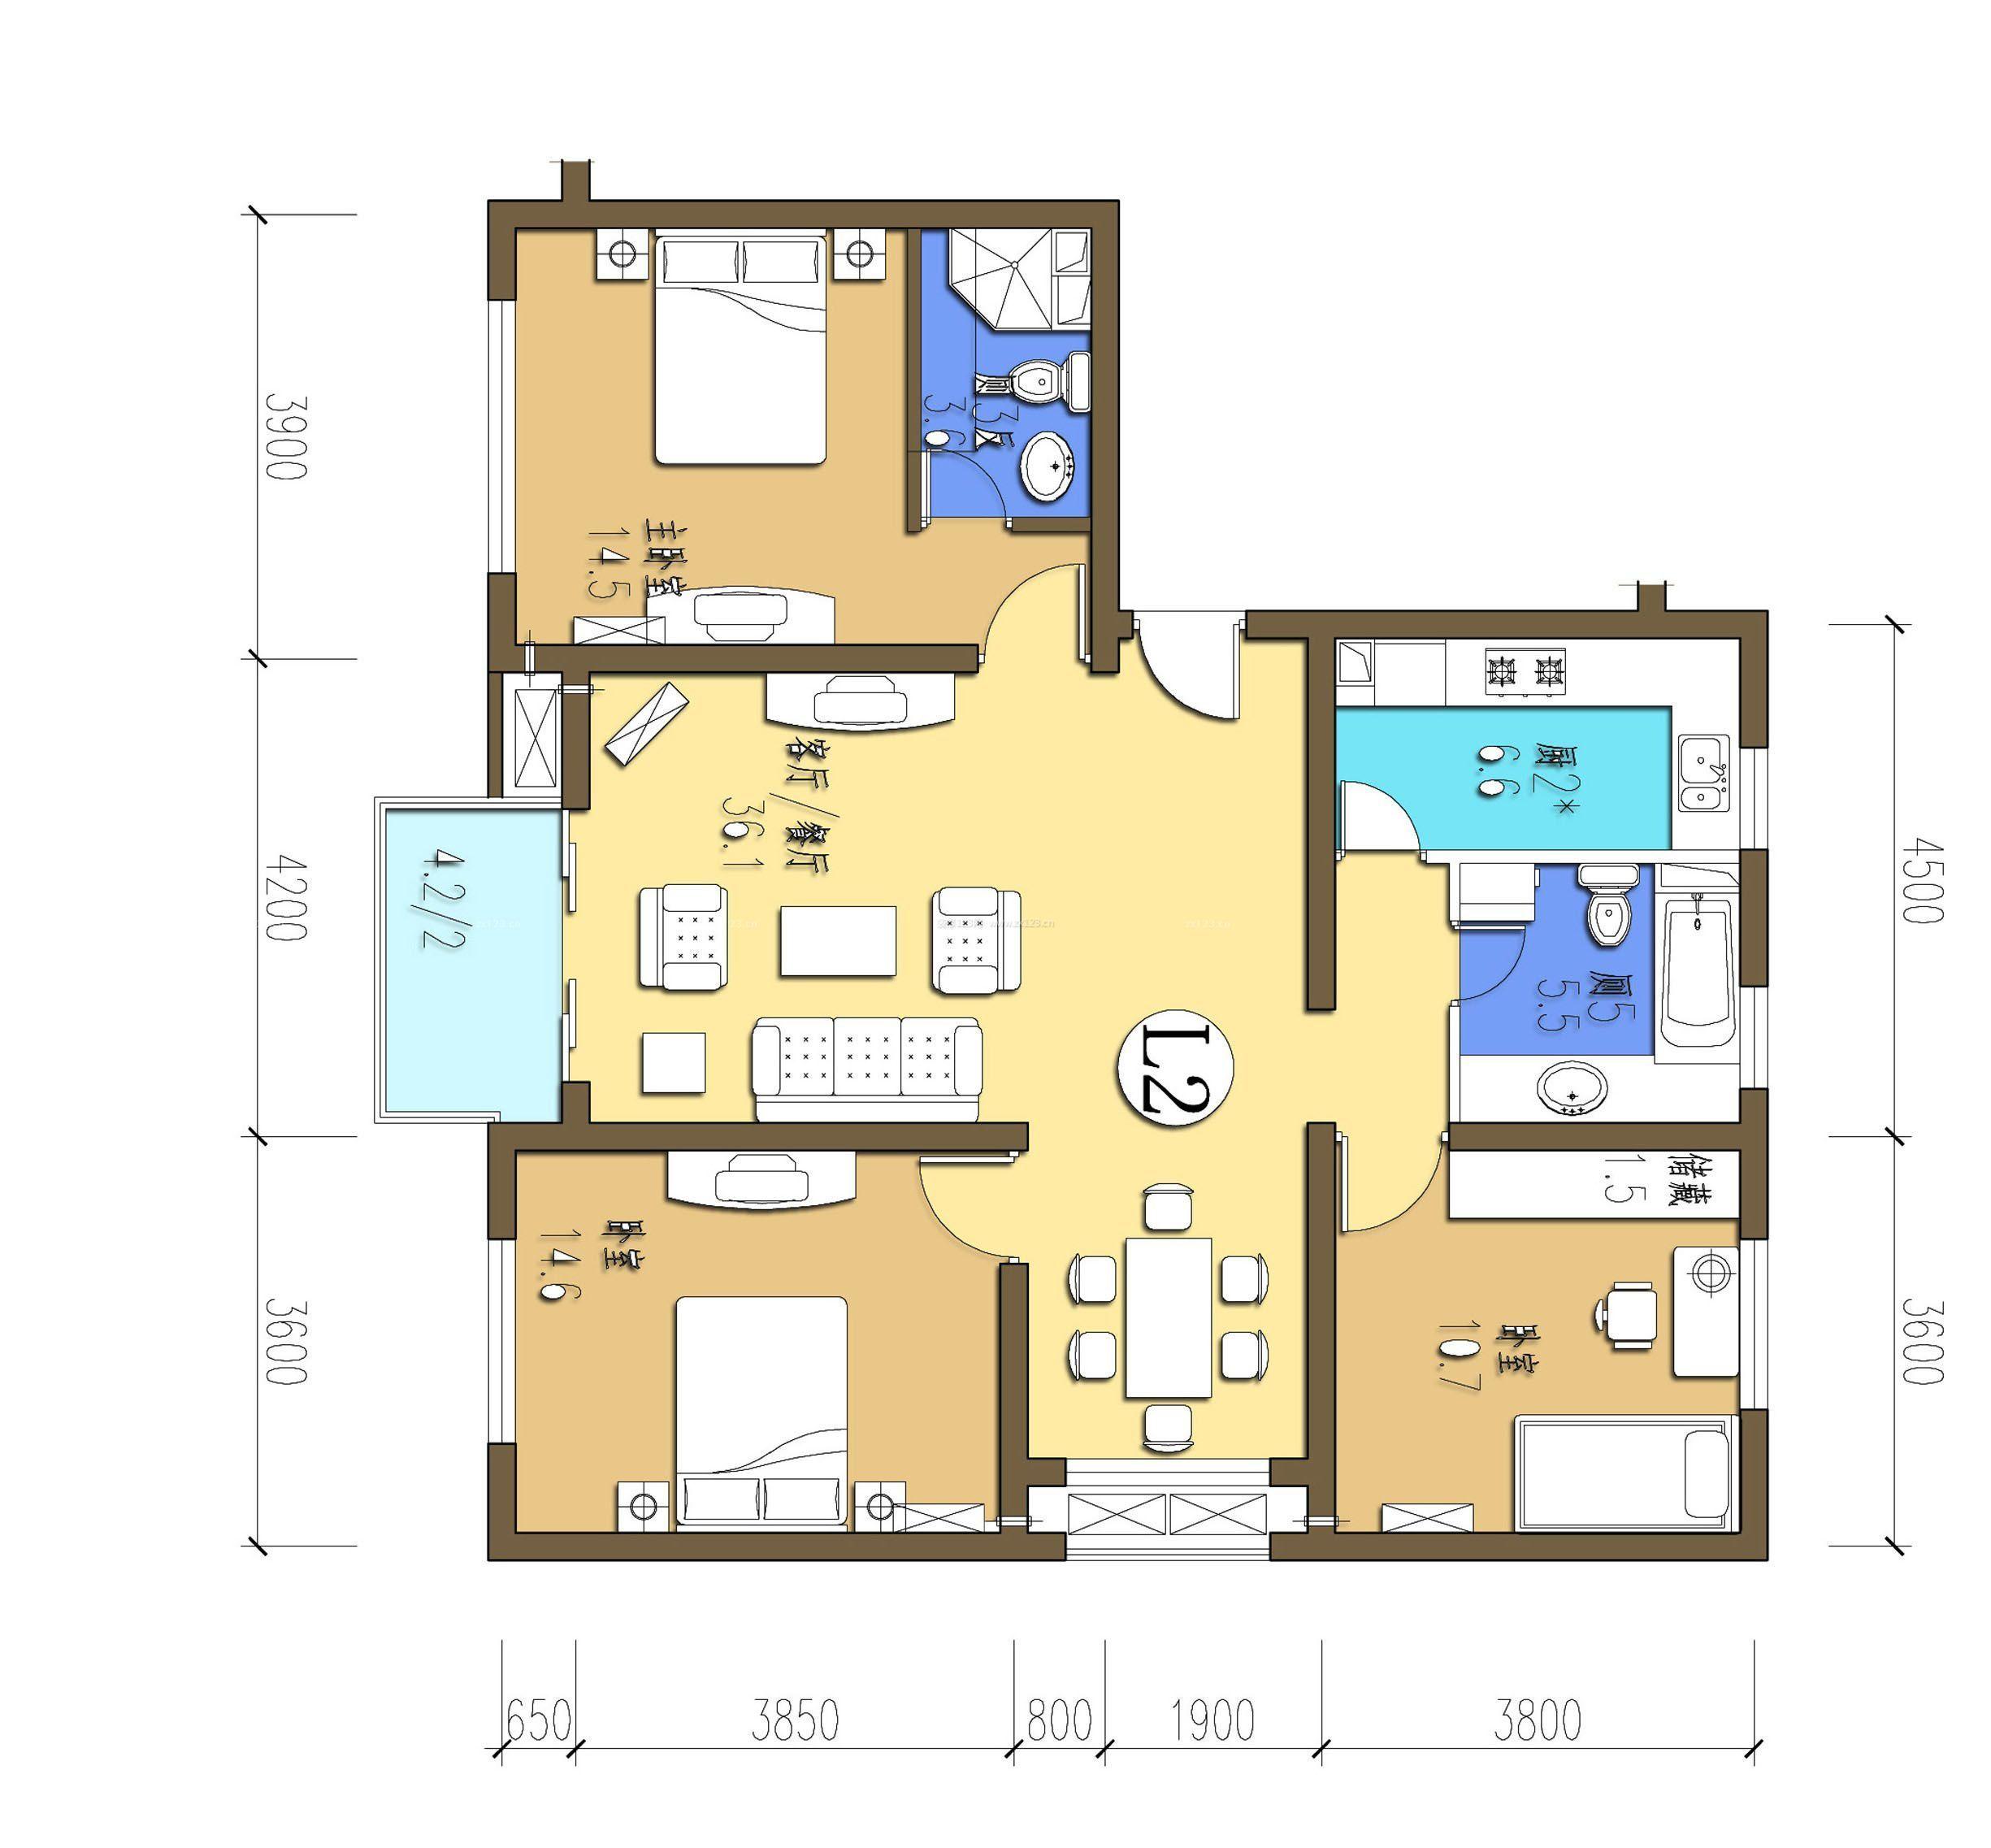 农村房屋3室1厅设计图图片展示_农村房屋3室1厅设计